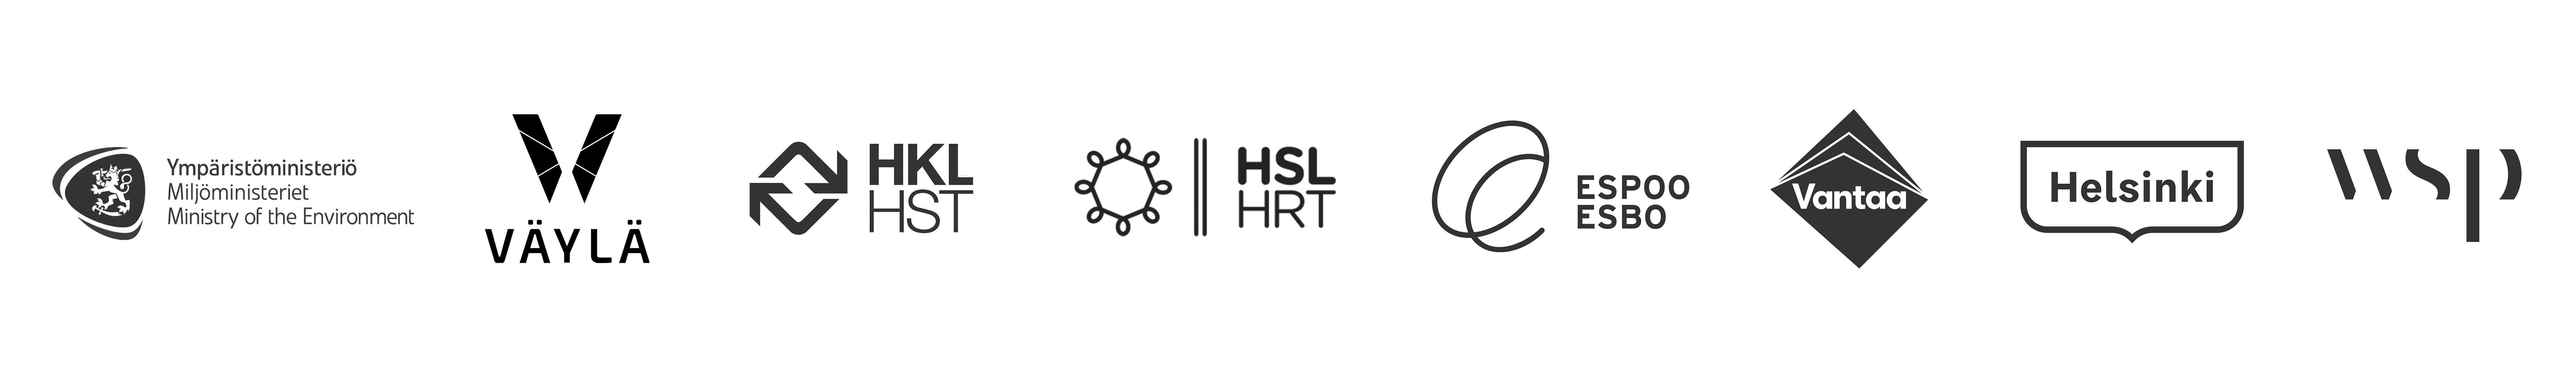 Yhteistyössä Ympäristöministeriö, Väylävirasto, HKL, HSL, Espoon kaupunki, Vantaan kaupunki, Helsingin kaupunki, WSP